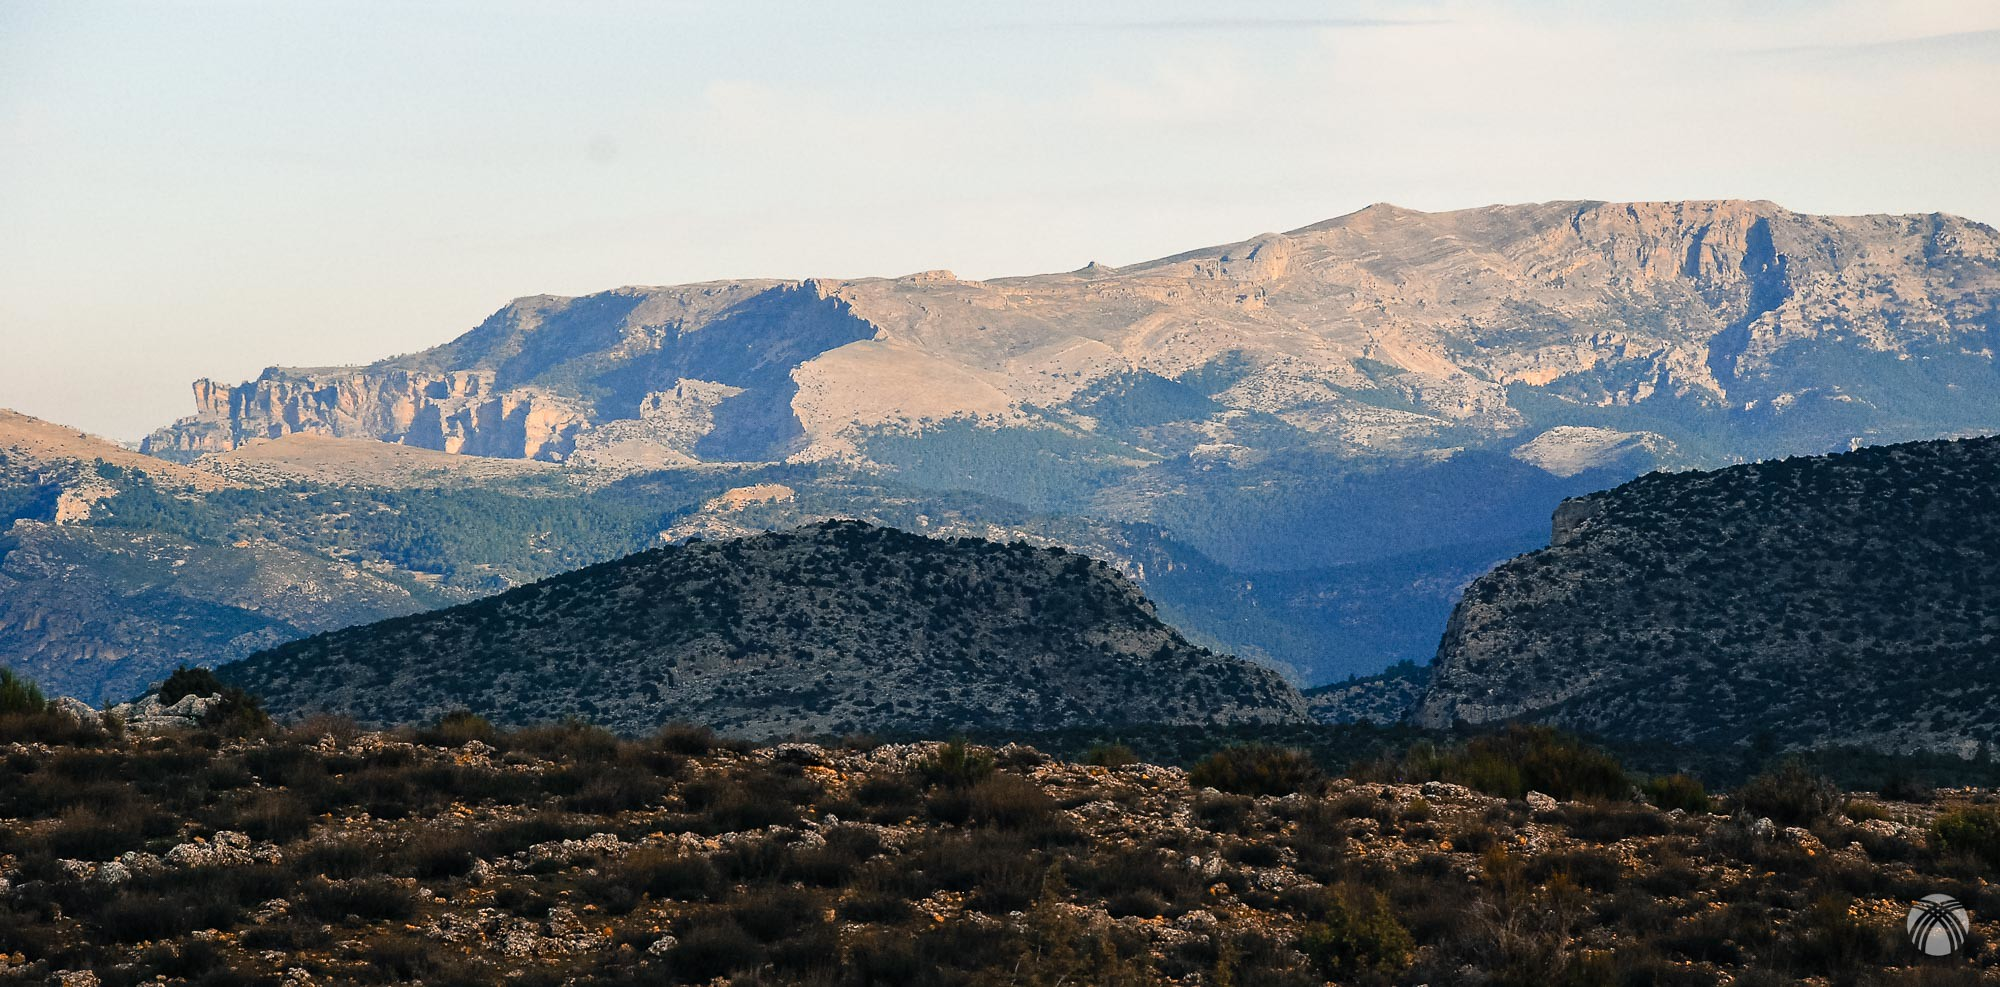 Ahí tenemos nuestra montaña viéndola desde lejos